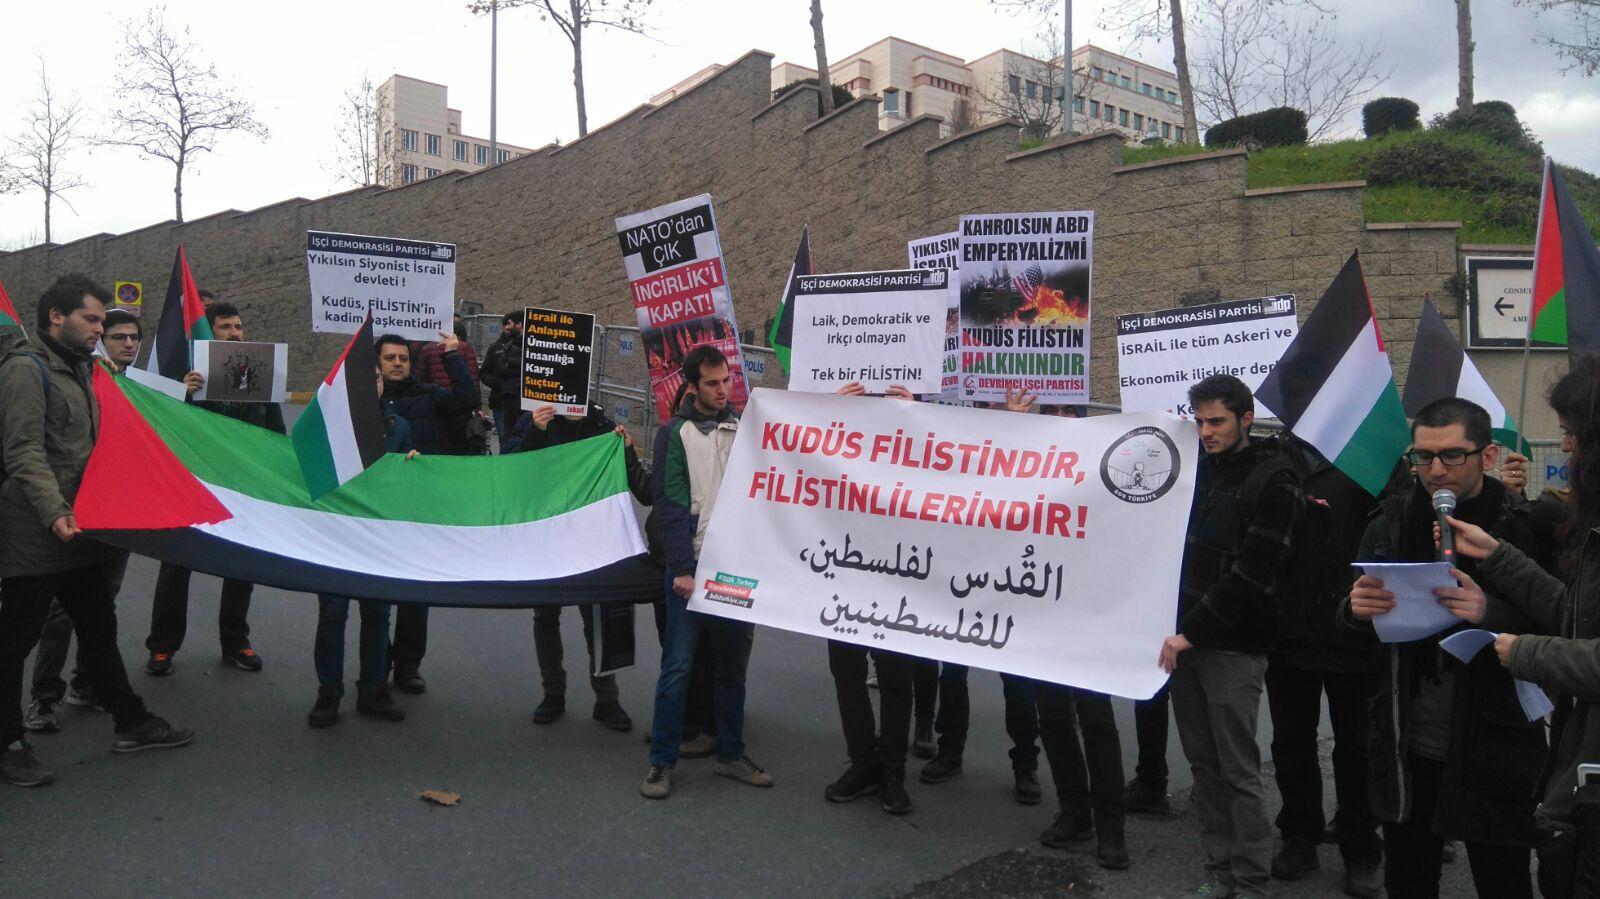 """BDS Türkiye'den ABD'ye: """"Kudüs Filistin'dir, Filistinlilerindir!"""""""